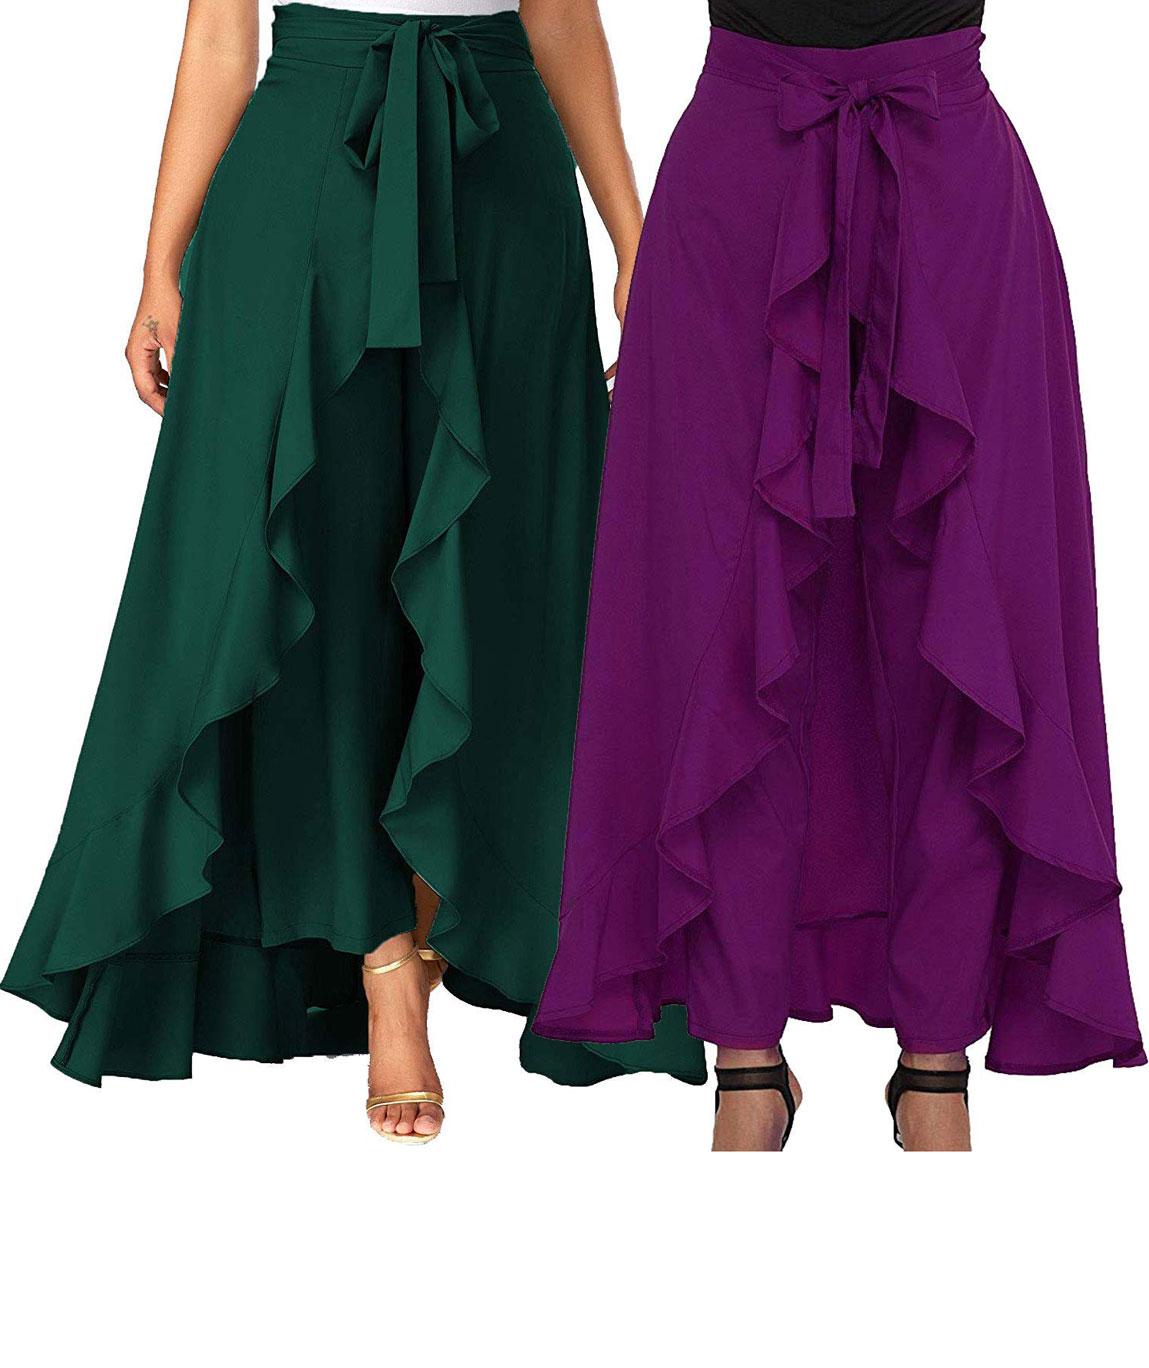 Women`s/Girls Crepe Solid Tie-Waist Layered/Ruffle Skirt Palazzo(dark green&purple)